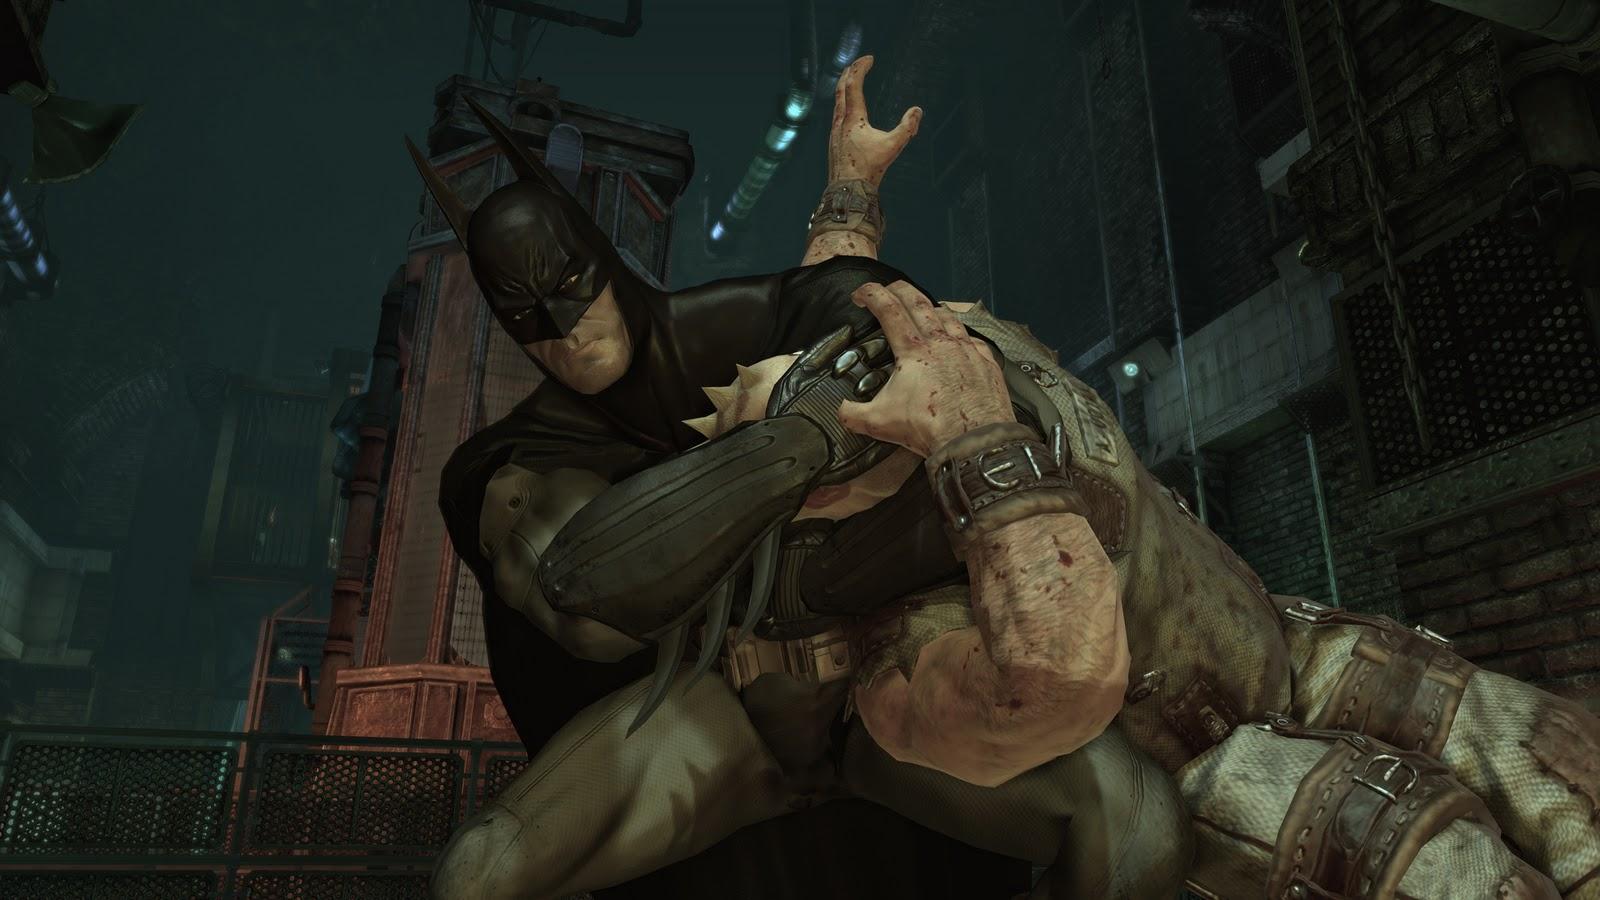 (Video) Batman Doing Jiu-Jitsu: Armbar Then Switches To Kneebar